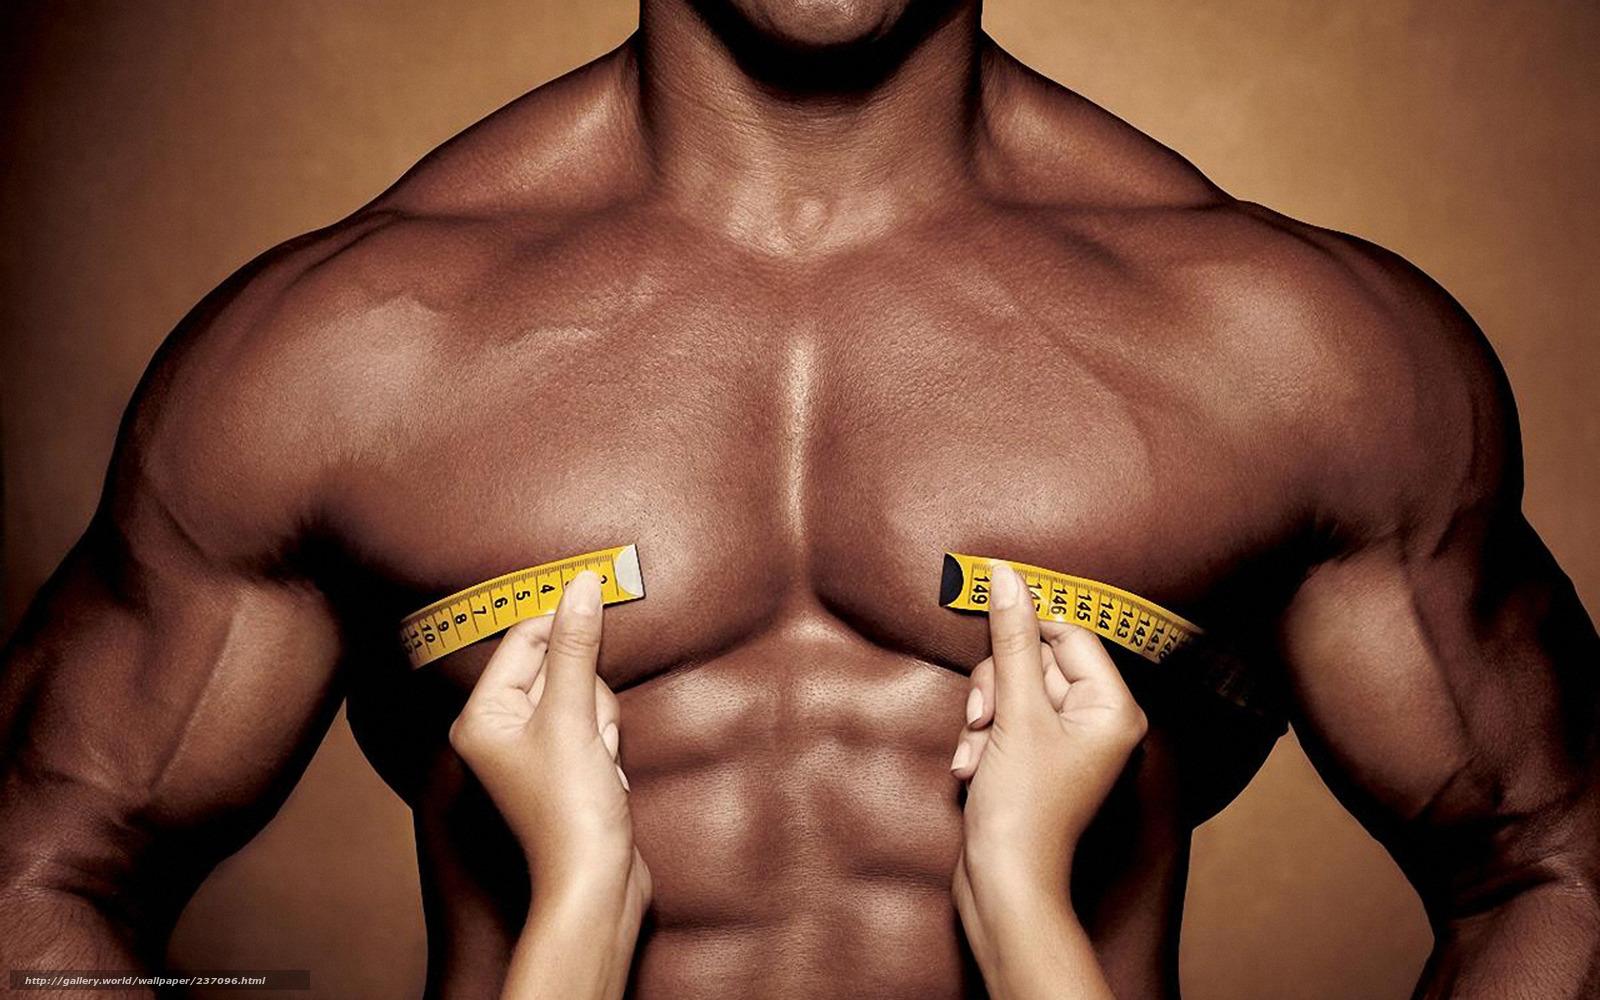 Наращивание мышечной массы питание 6 фотография